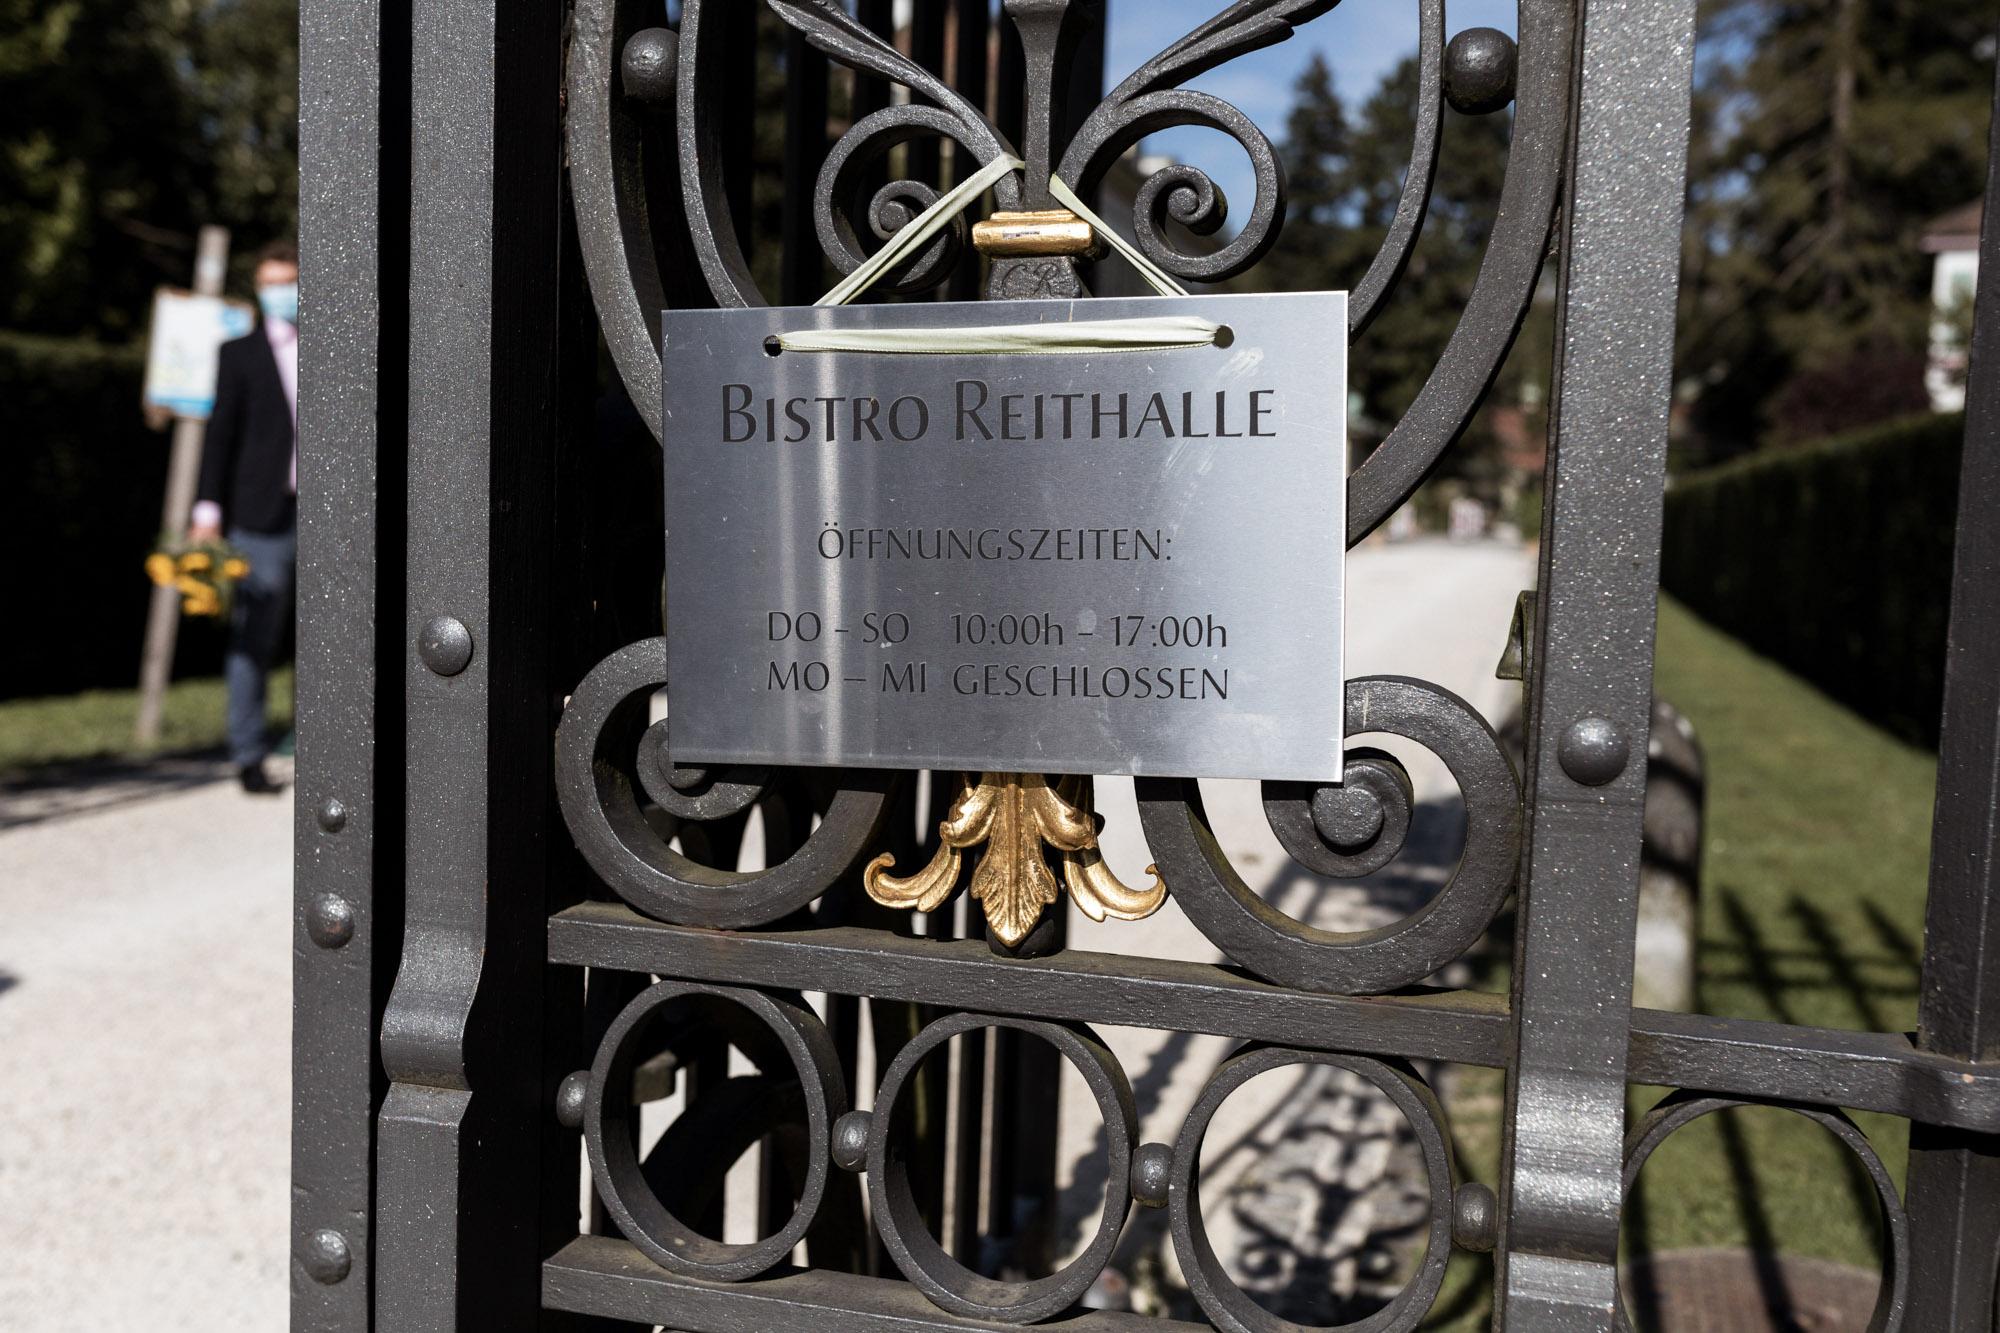 Bistro Reihalle - Wenkenpark Hochzeitslocation - Hochzeitsfotografen Basel